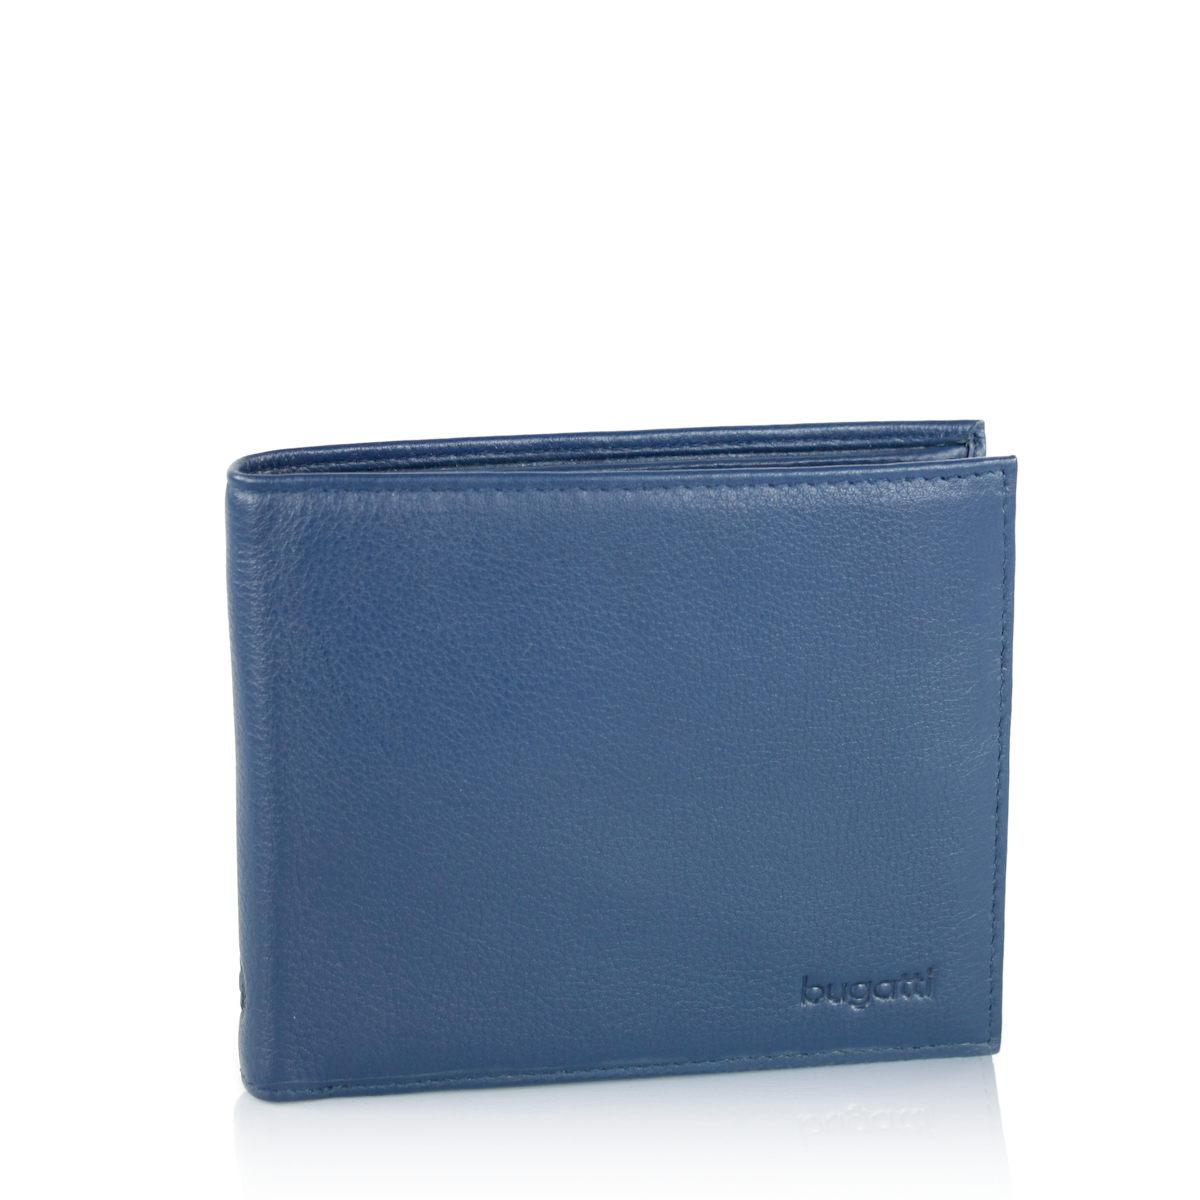 ac8b2bbfca54 Bugatti pánska kožená peňaženka - modrá Bugatti pánska kožená peňaženka -  modrá ...